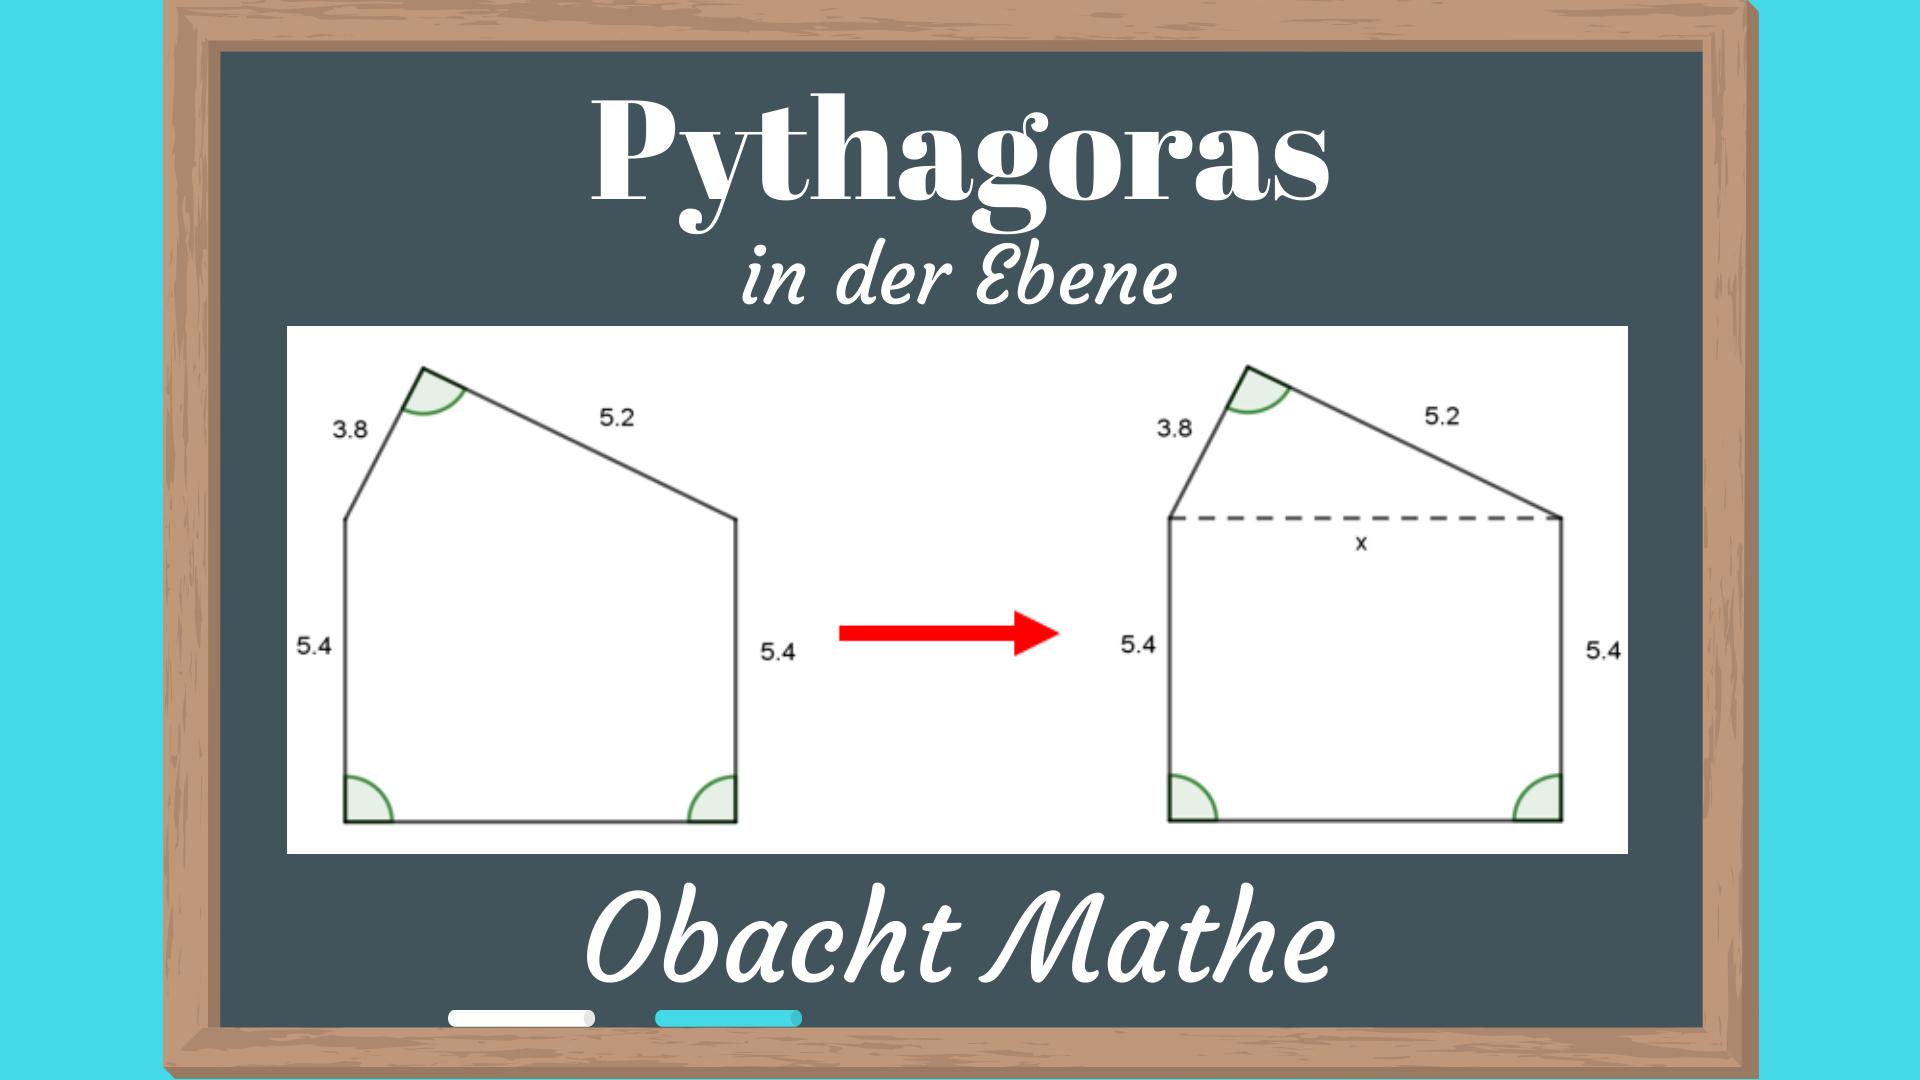 Pythagoras In Der Ebene Einfach Erklart Satz Des Pythagoras Mathe Dreisatz